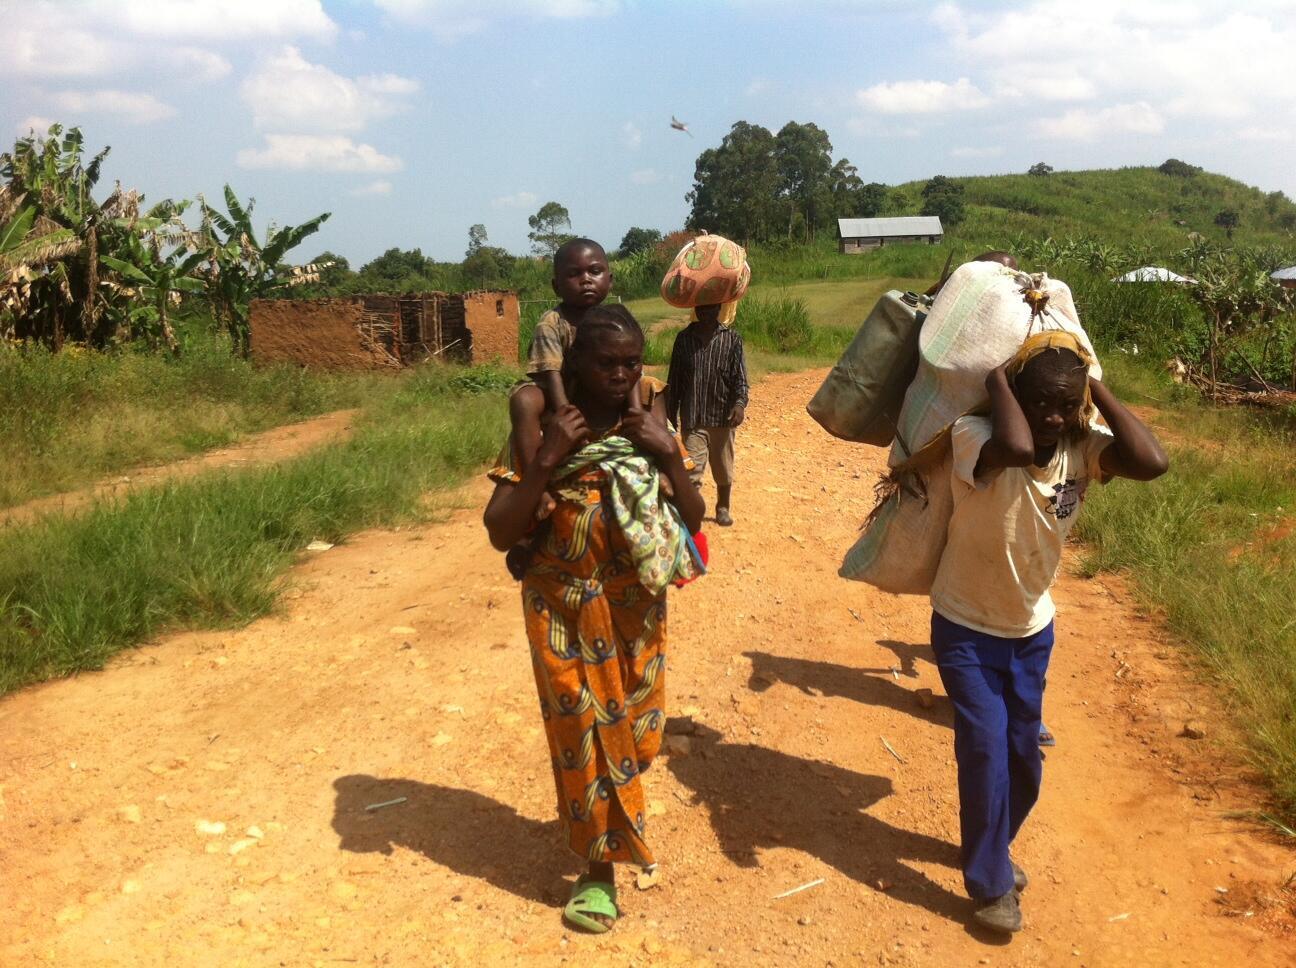 Dans le Nord-Kivu, à Buleusa, les habitants avaient fui leur village brûlé dans des attaques de groupes armés.